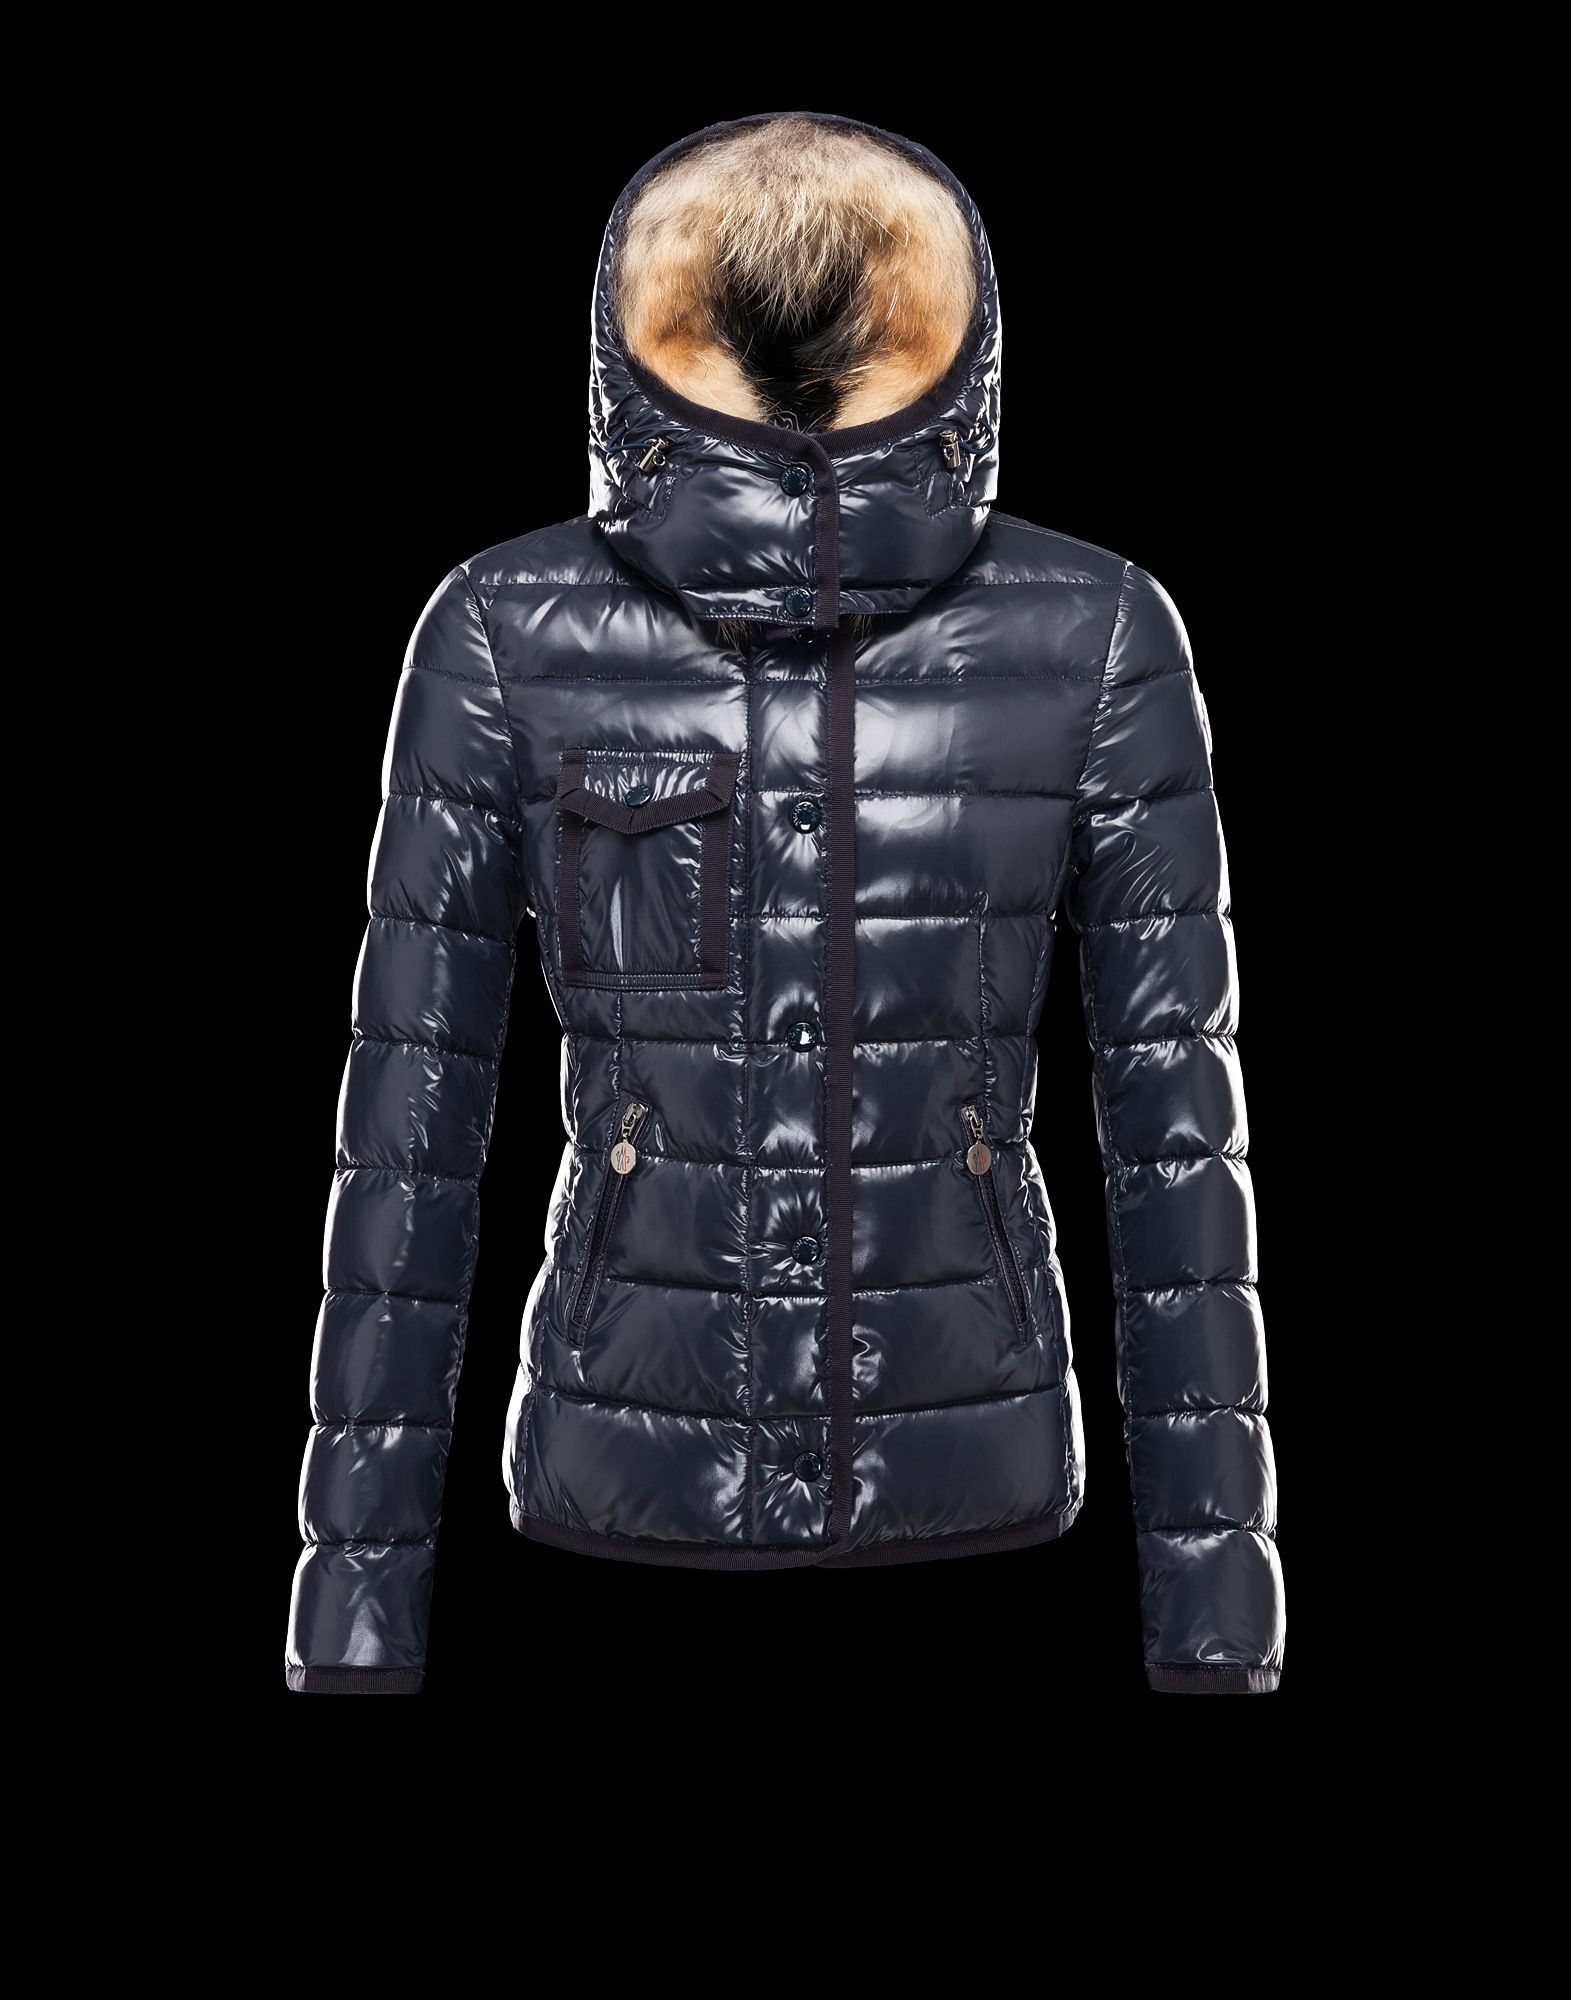 Jacket Women - Outerwear Women on Moncler Online Store www.be warm winter,  we need warm coat ,so mordern down coat, my best loved moncler.